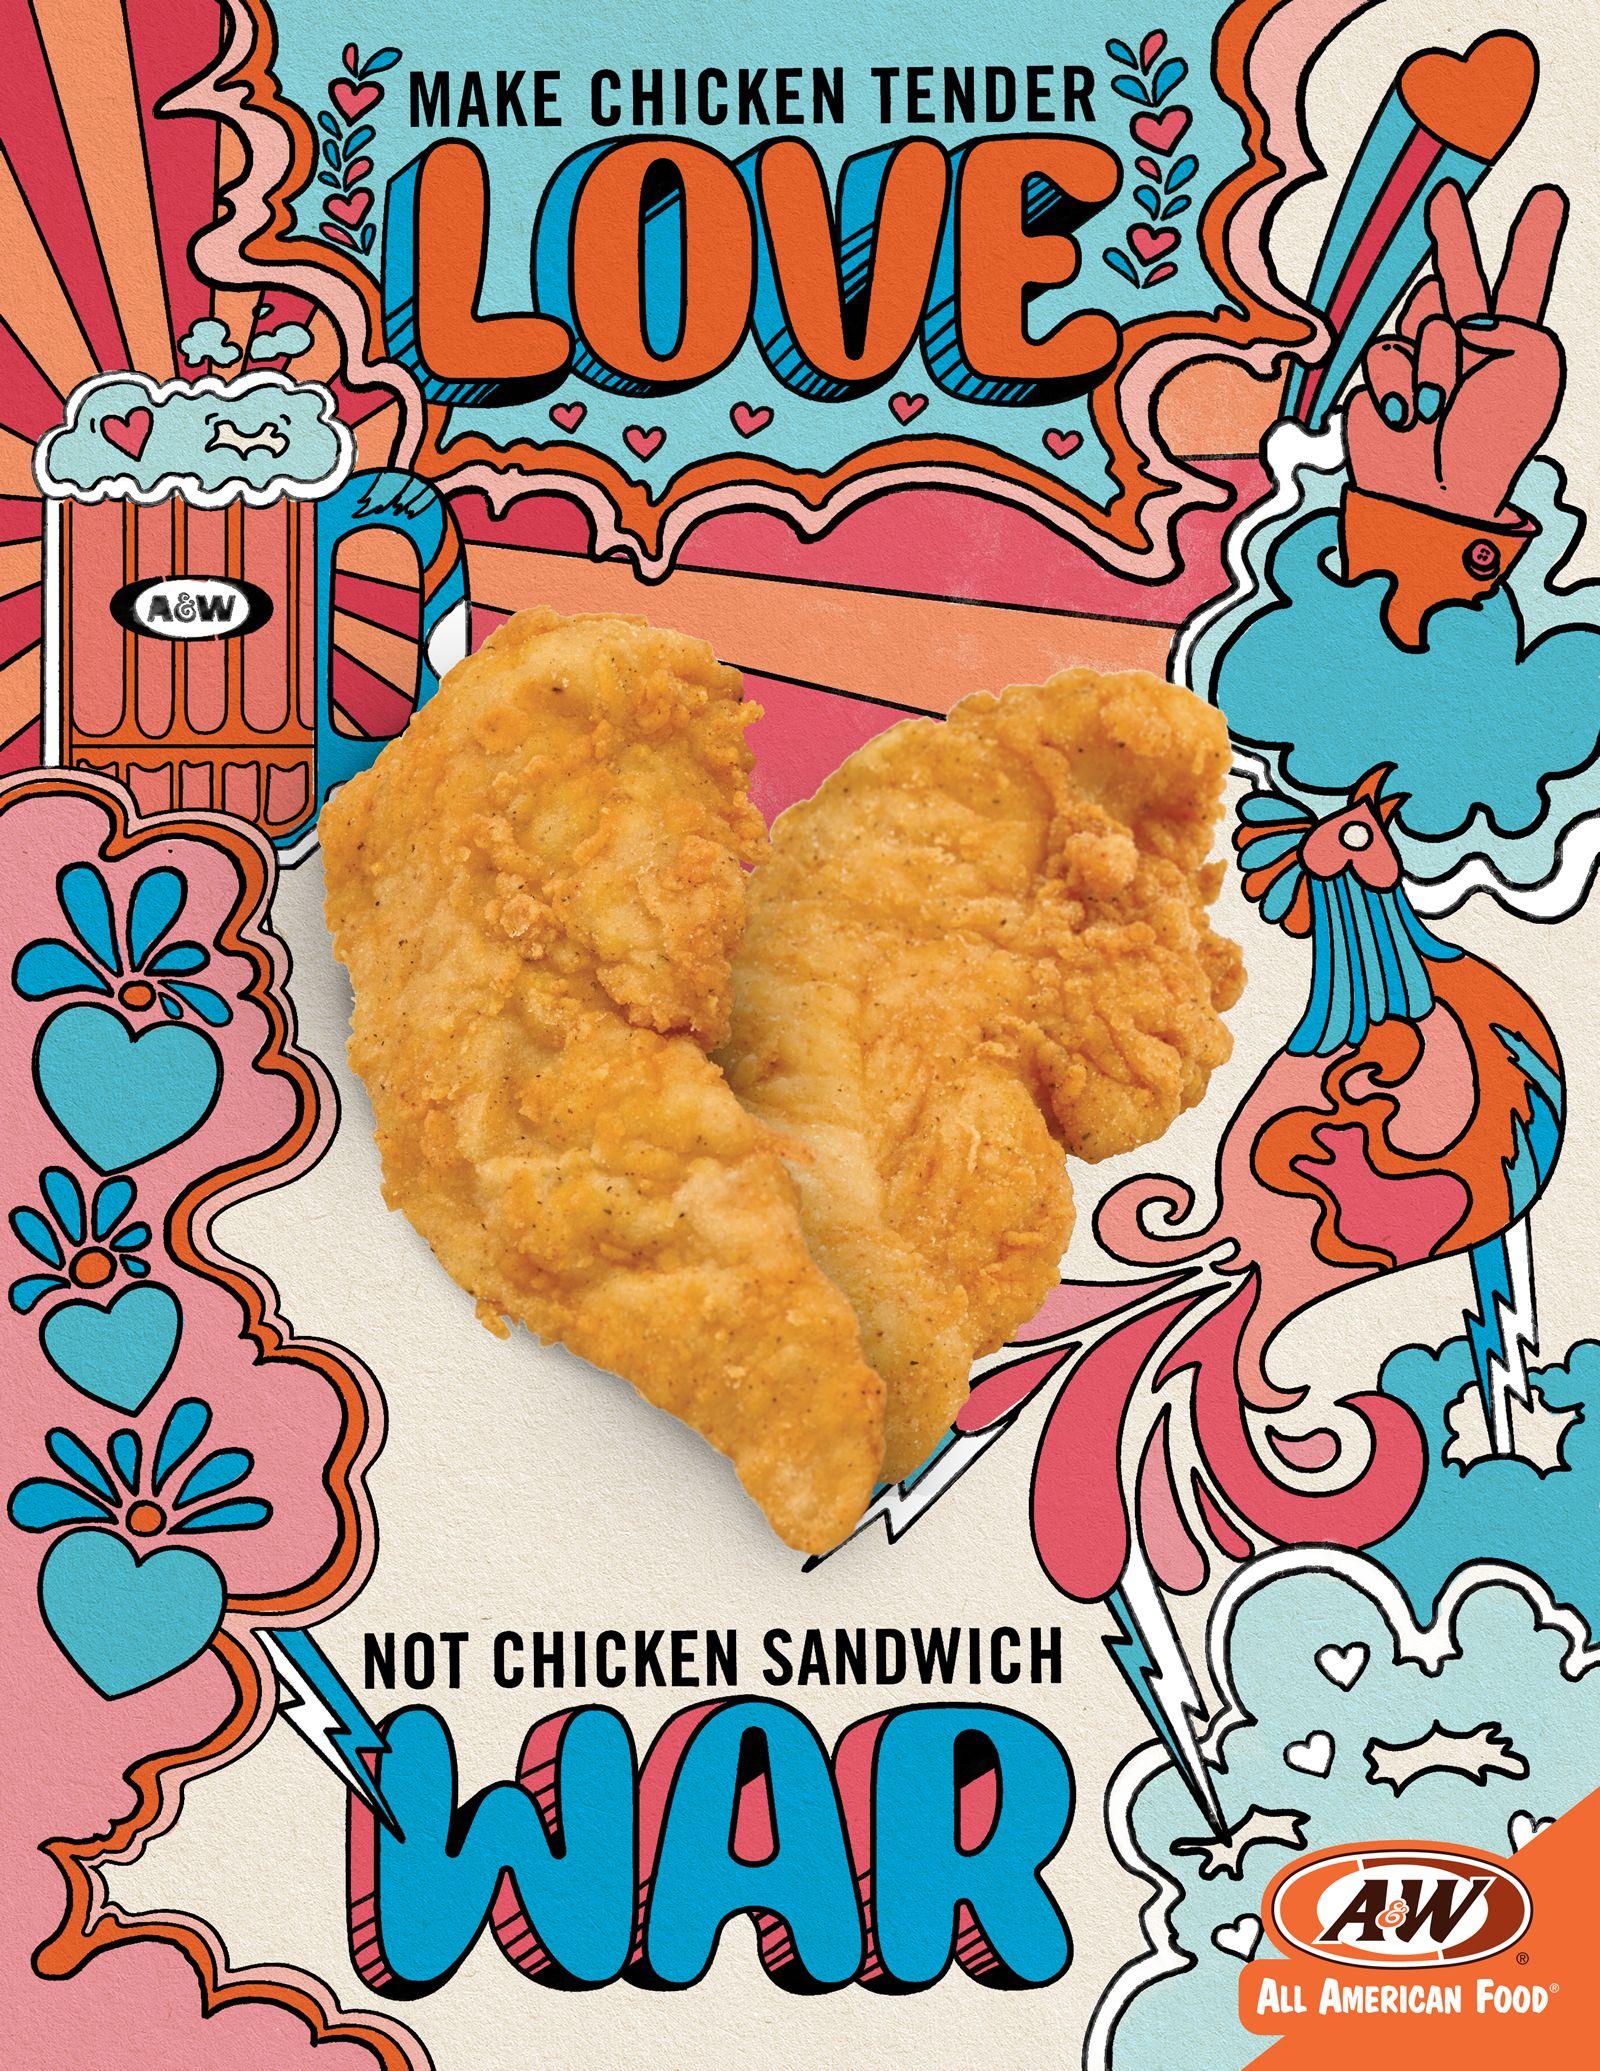 A&W Wants To Make Chicken Tender Lovin' Not Chicken Sandwich War